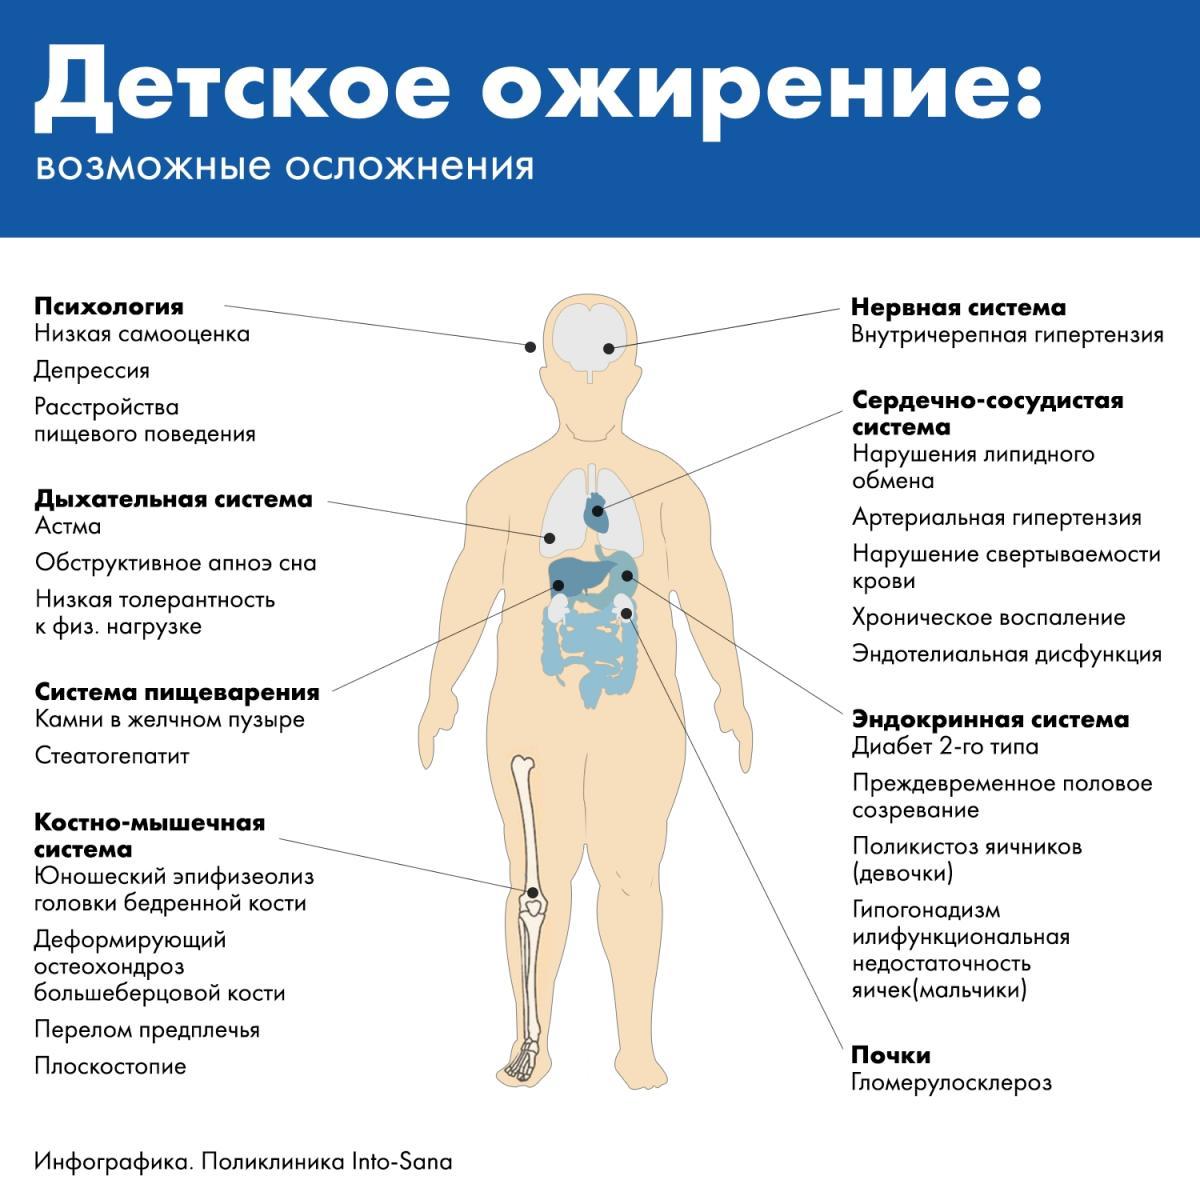 Последствия ожирения у детей